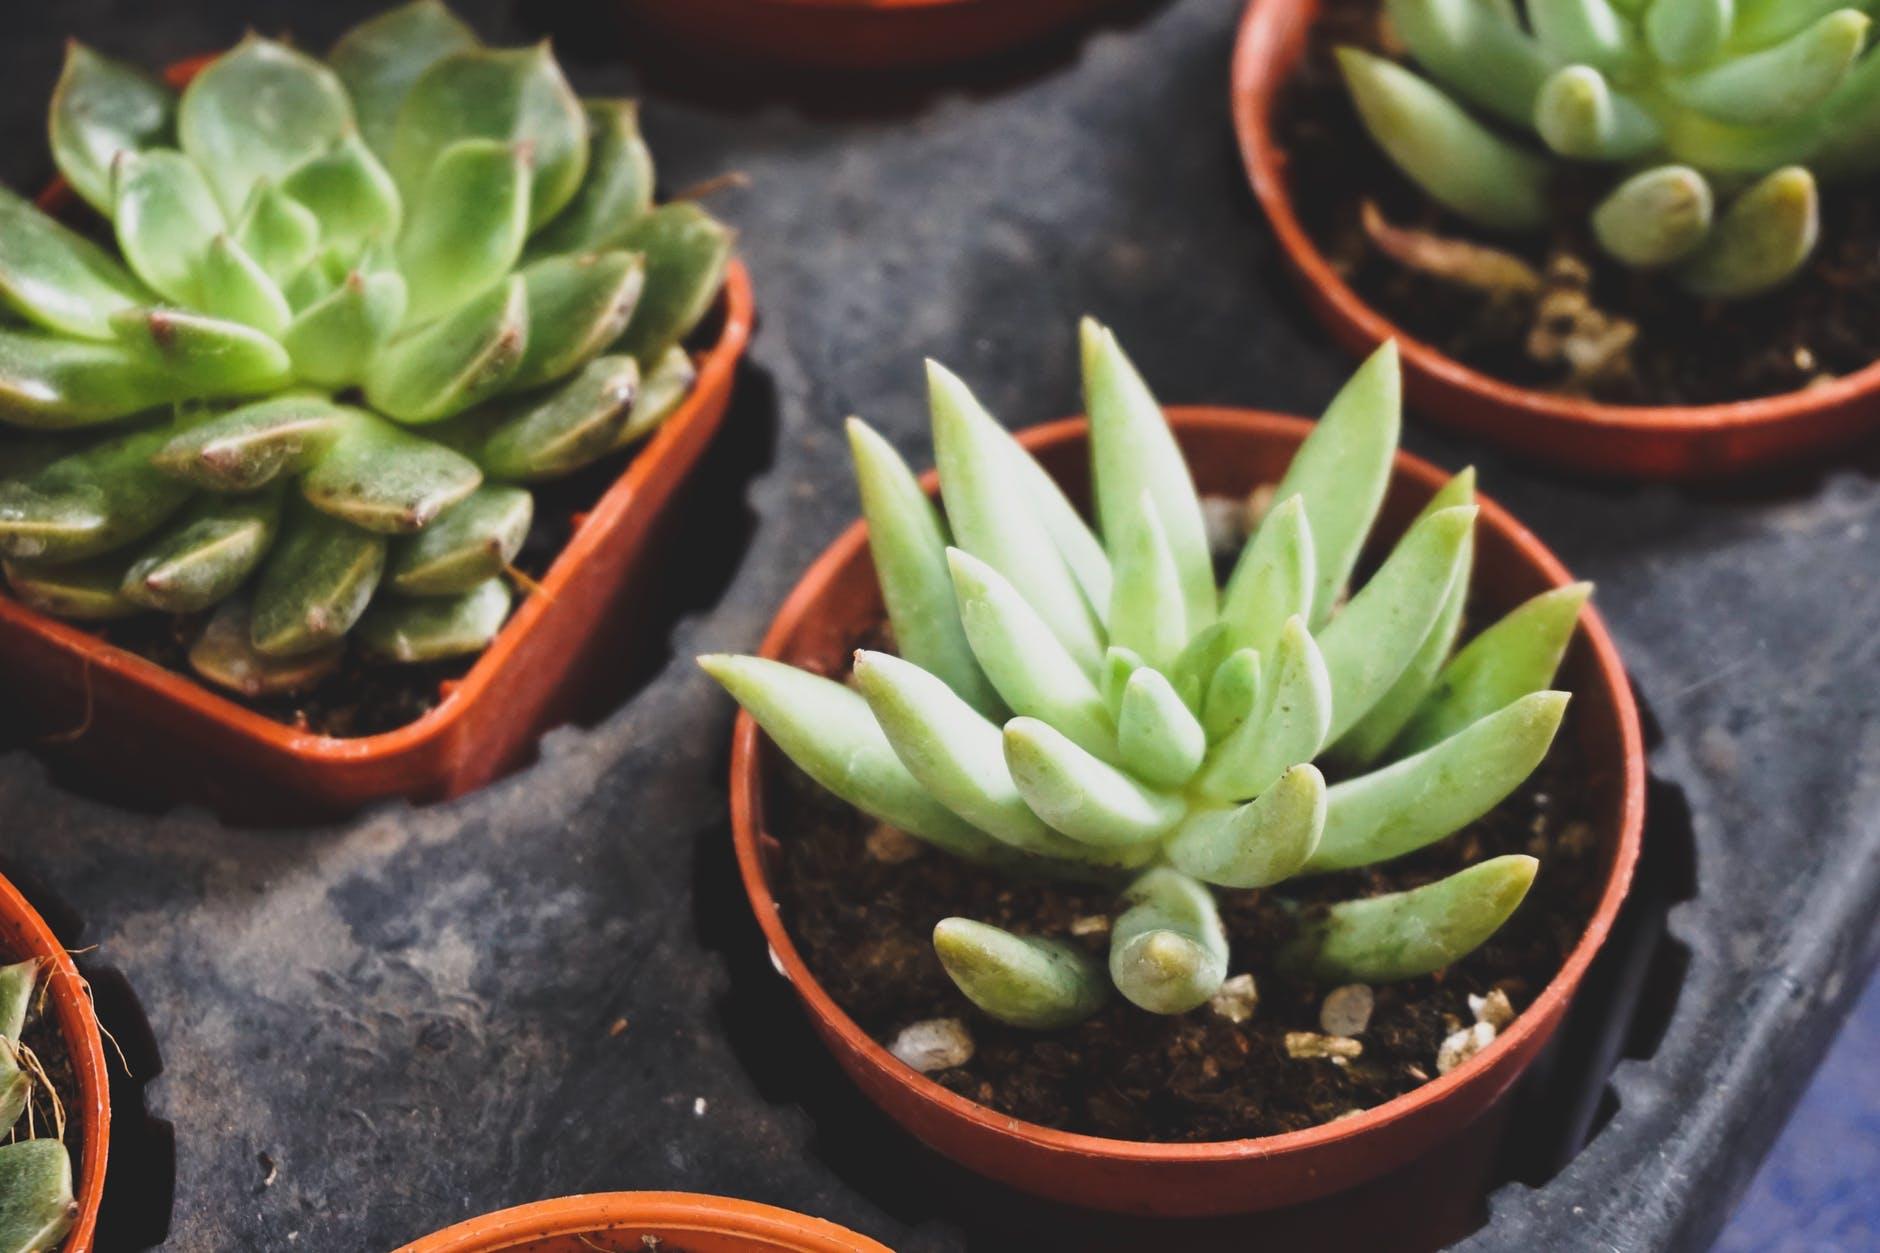 ИЗУМИТЕЛНО: С помощта на това растение можете да възстановите зрението си